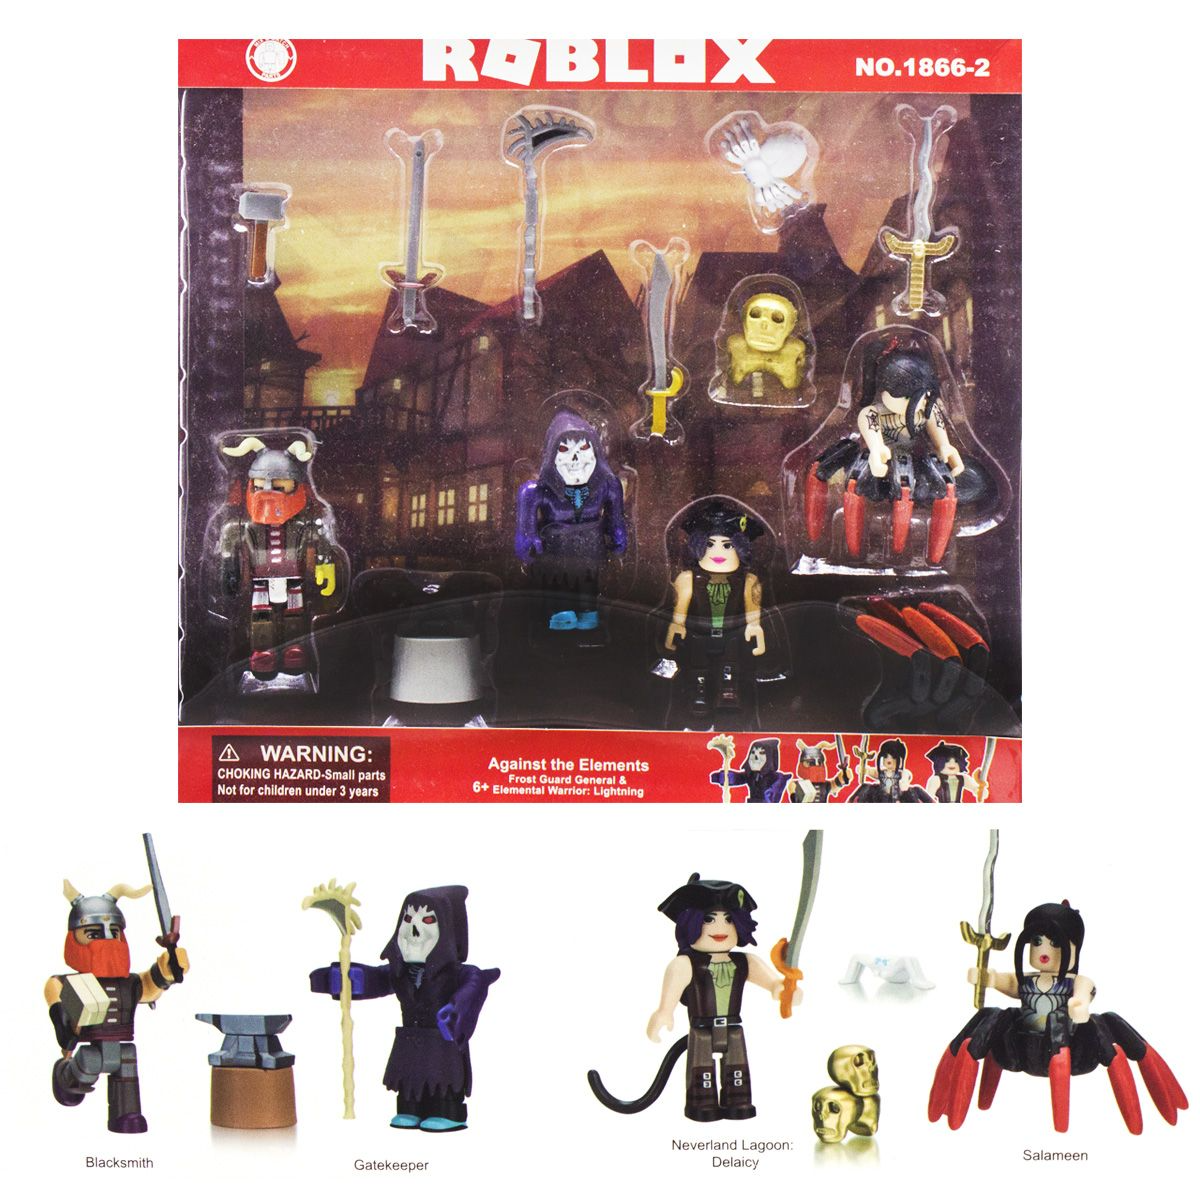 Набір фігурки Роблокс 4 в1 іграшки Roblox з аксесуарами